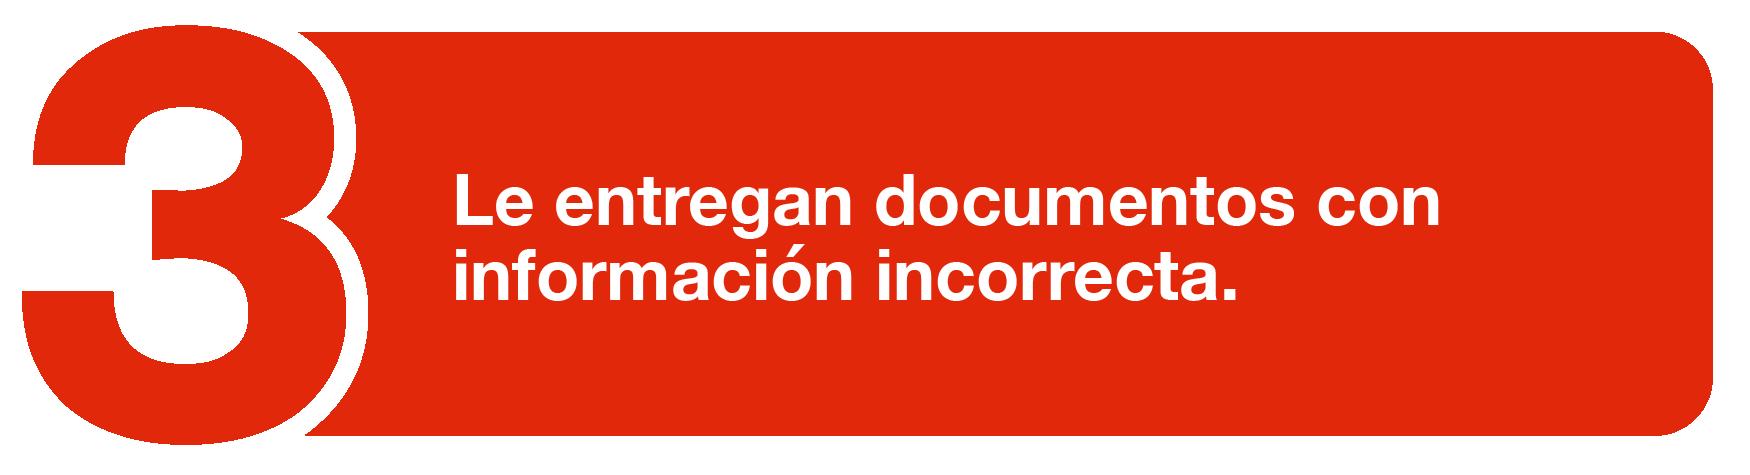 Le entregan documentos con información incorrecta